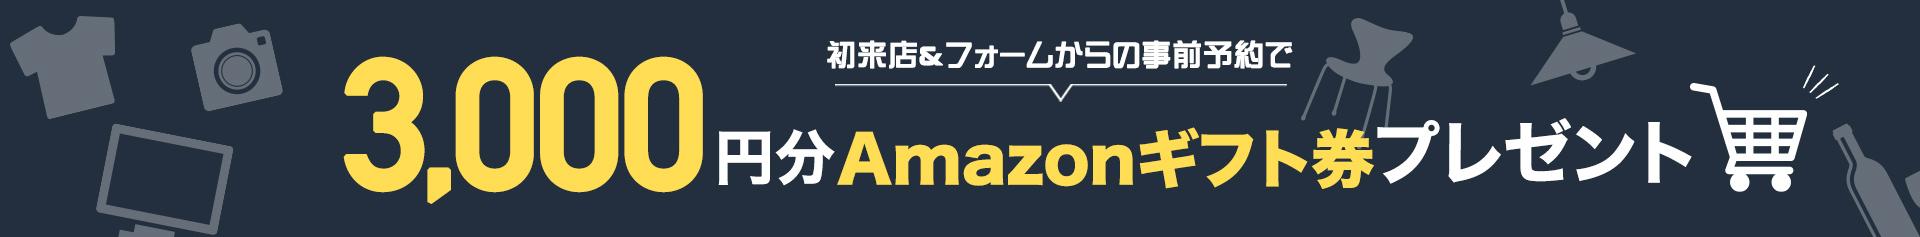 3,000円分アマゾンギフト券プレゼント!